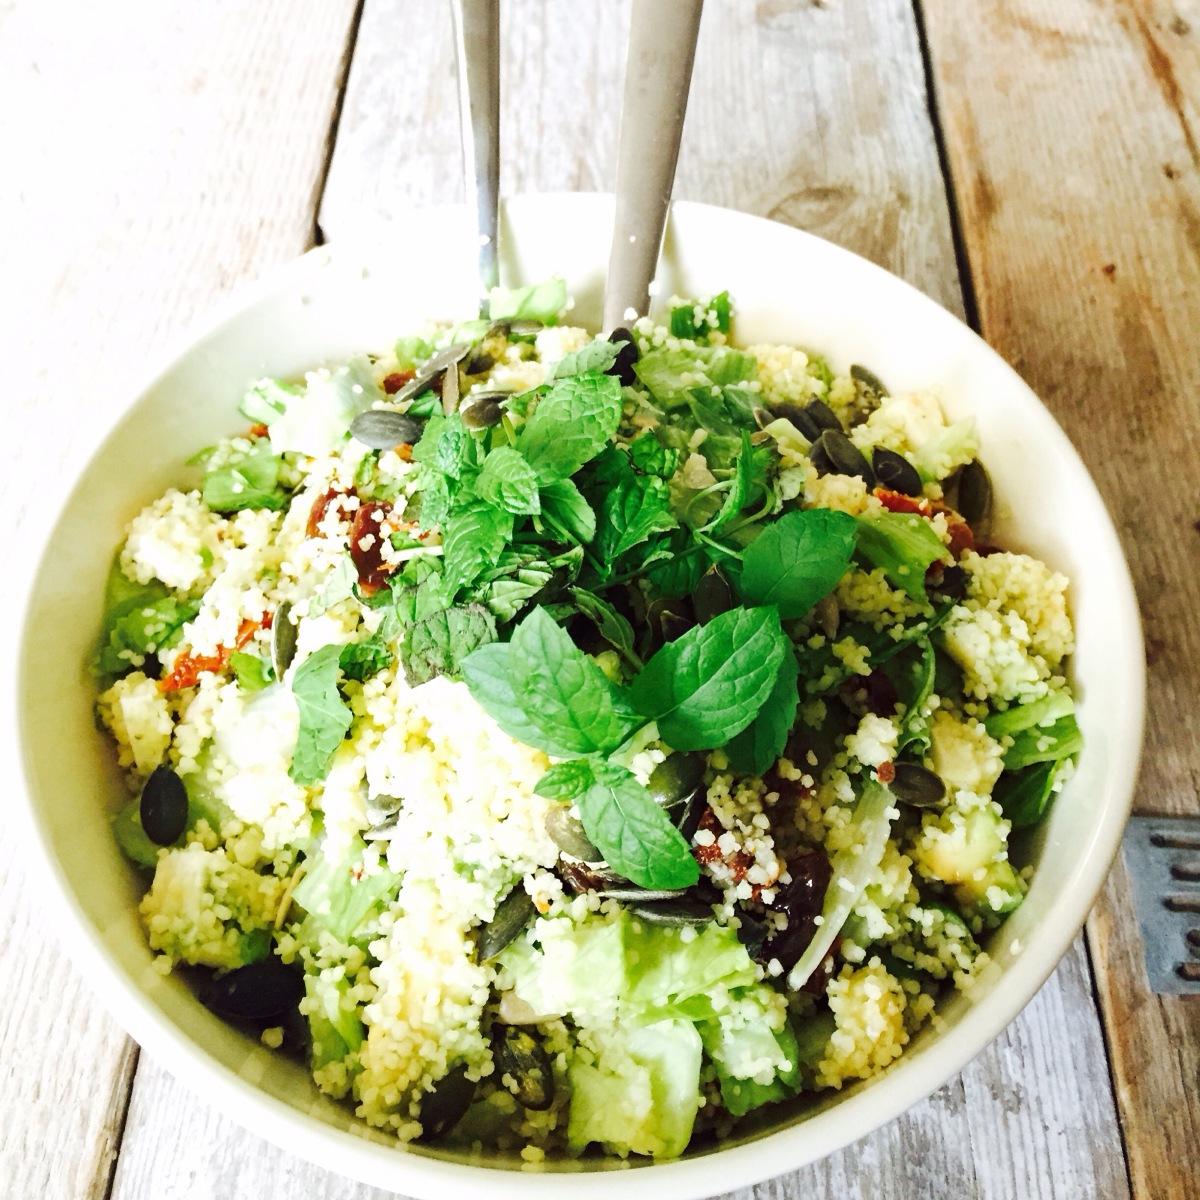 Makkelijke couscous salade met avocado, feta en zongedroogde tomaten